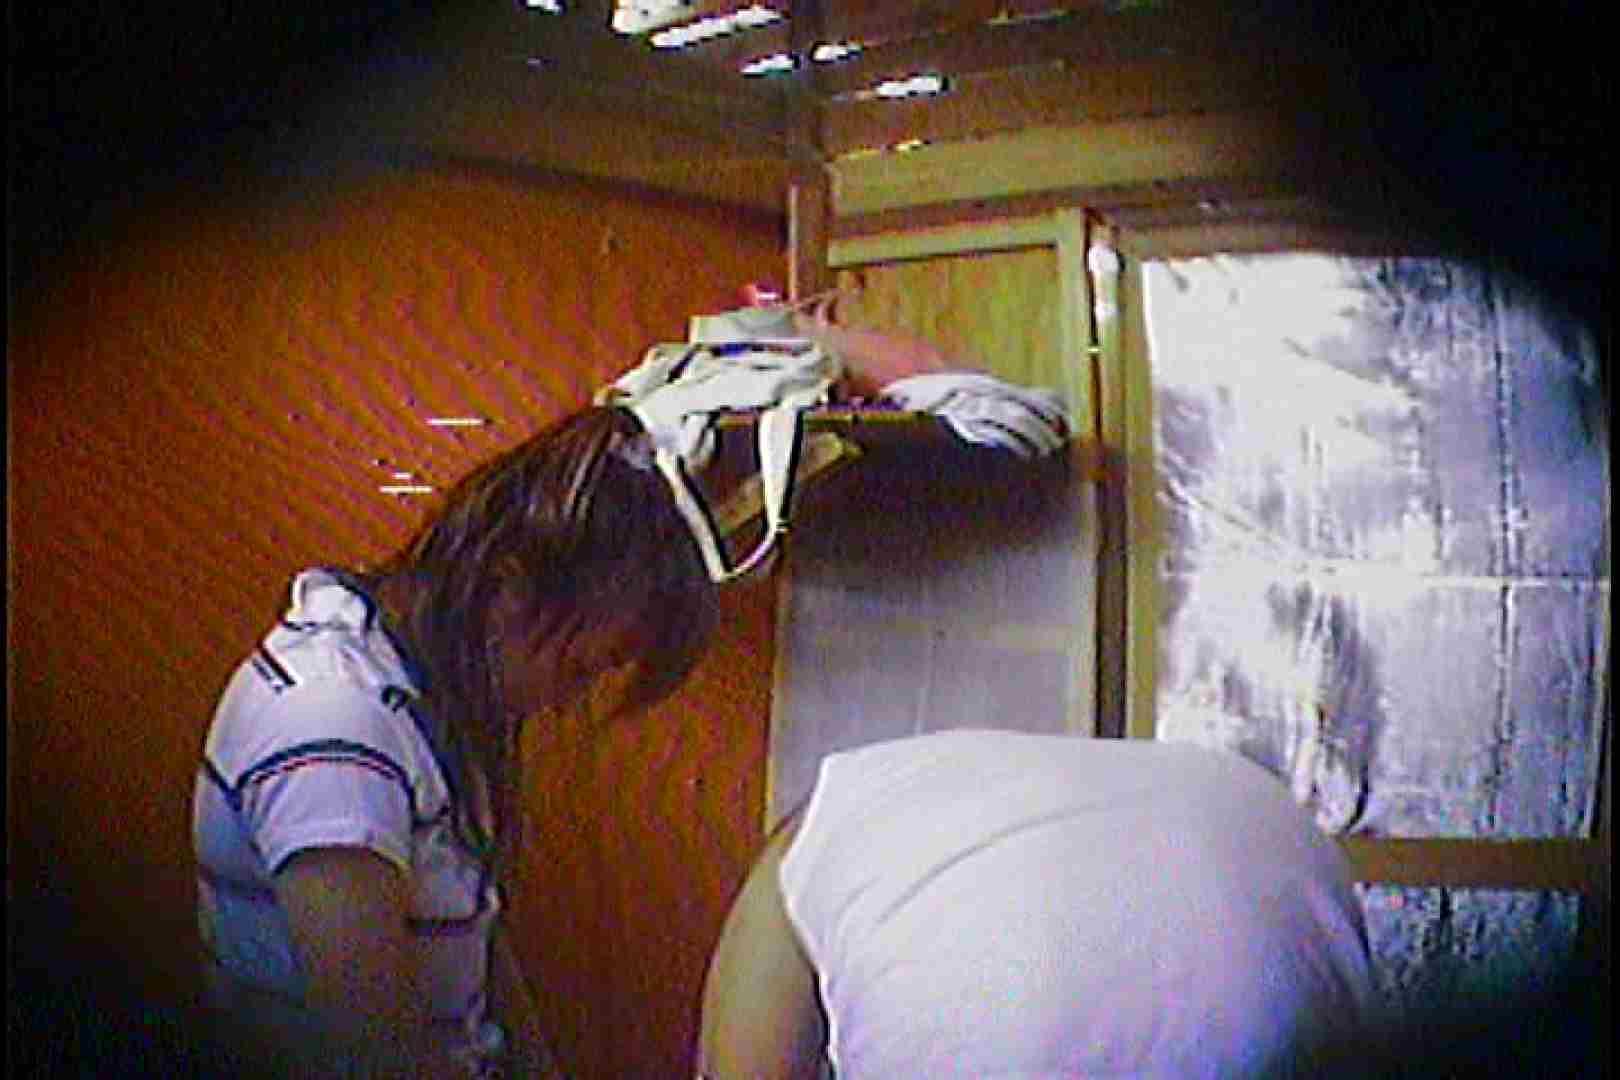 海の家の更衣室 Vol.57 高画質動画 オメコ動画キャプチャ 42画像 36